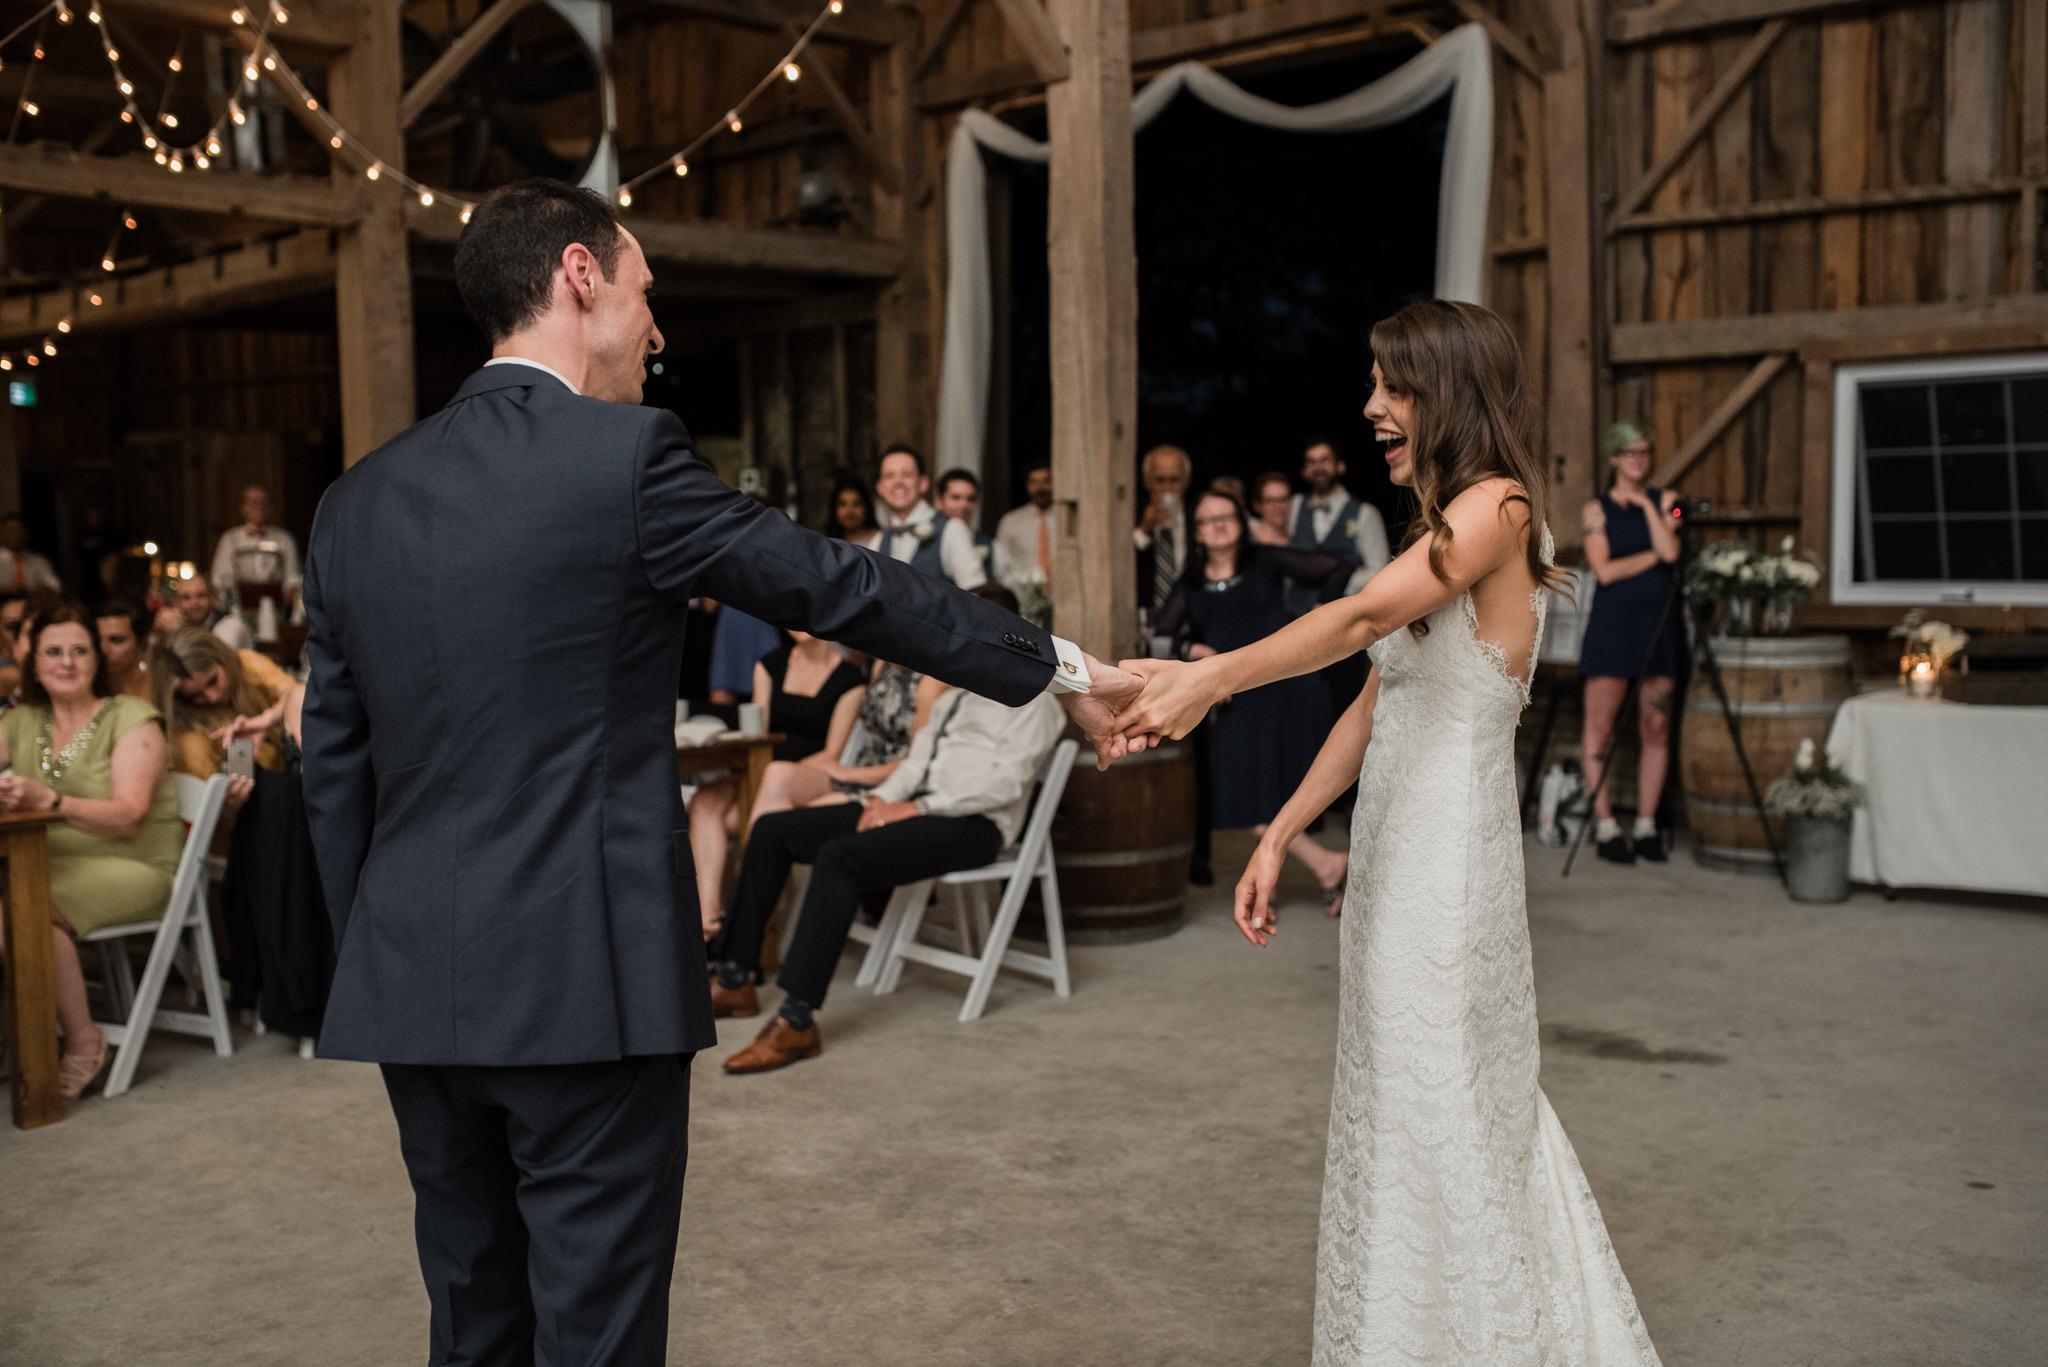 085-sydenham-ridge-estate-wedding-first-dance.jpg